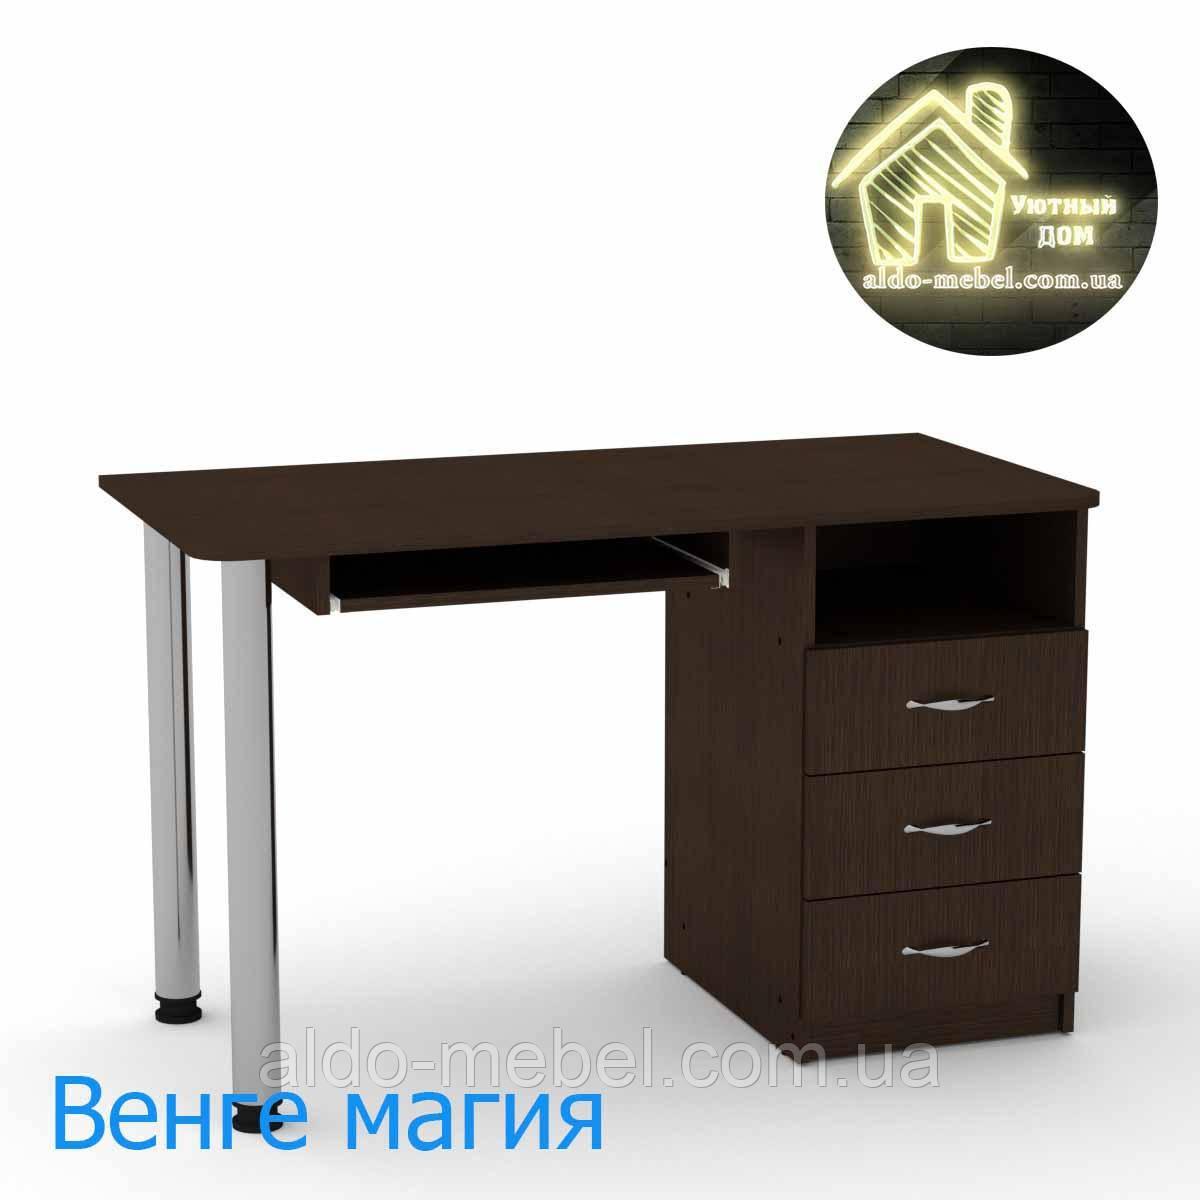 Стол компьютерный СКМ - 9 Габариты Ш - 1200 мм; В - 736 мм; Г - 600 мм (Компанит)